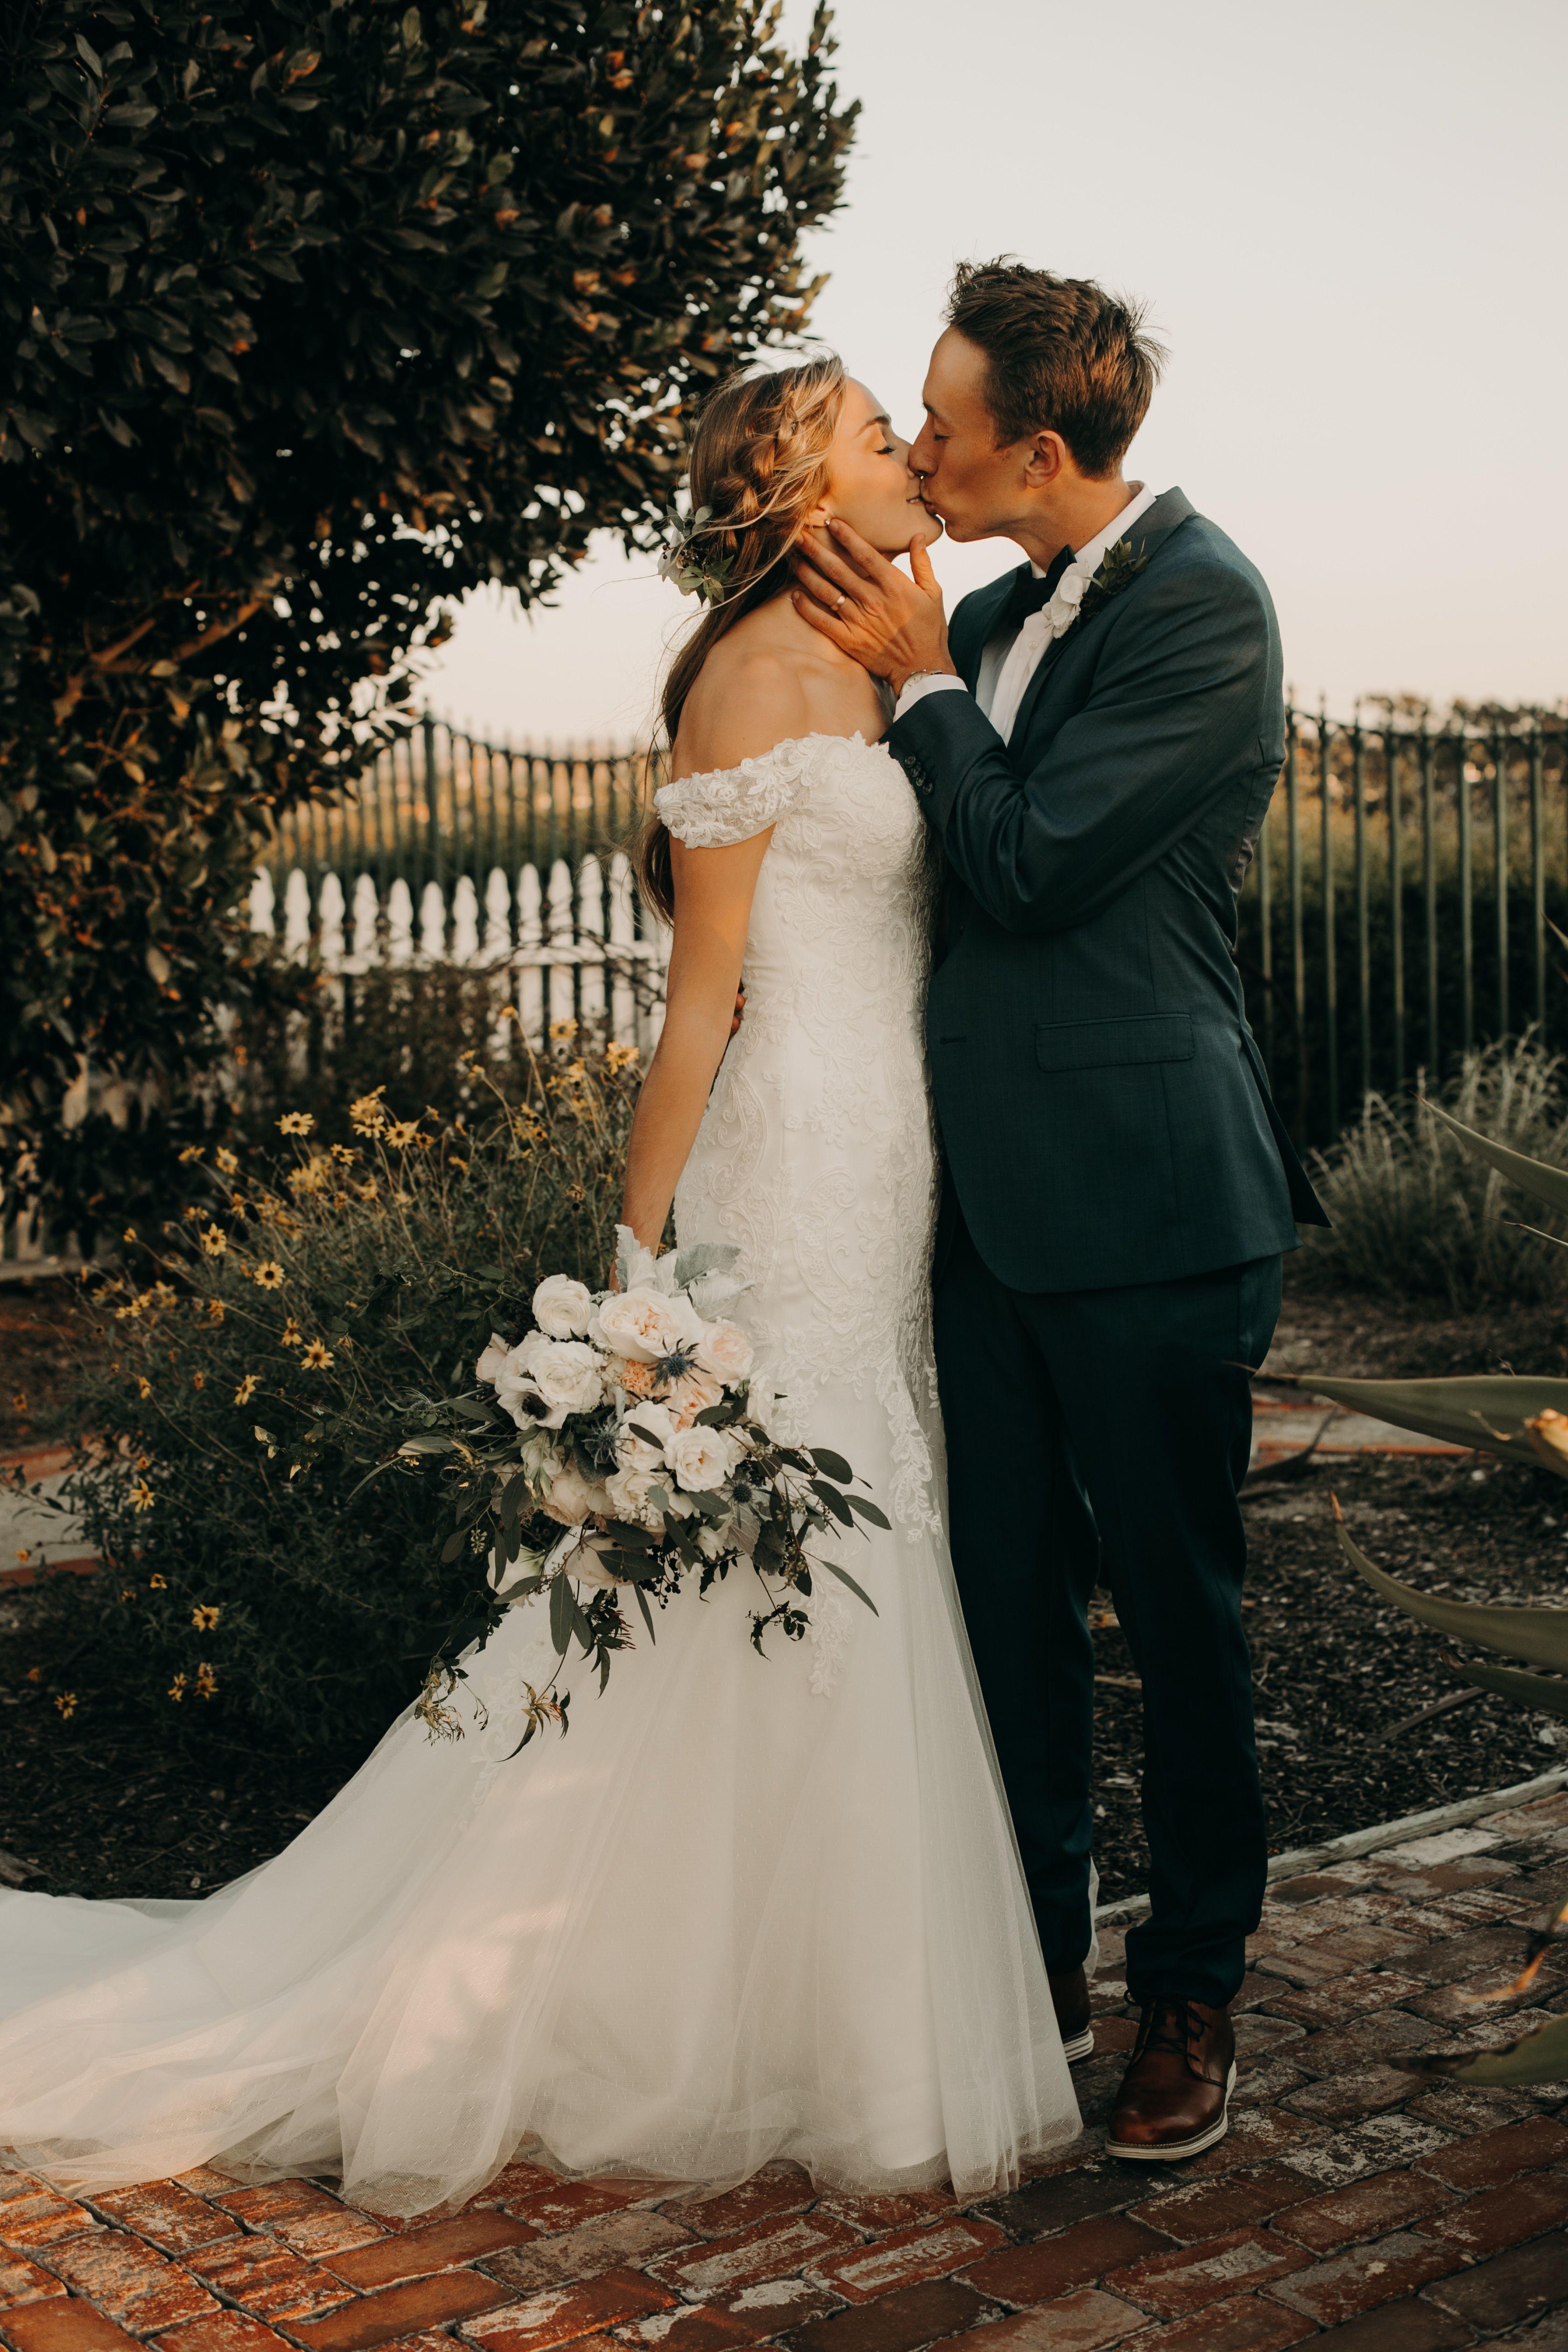 southern california wedding venue -newland barn wedding ...